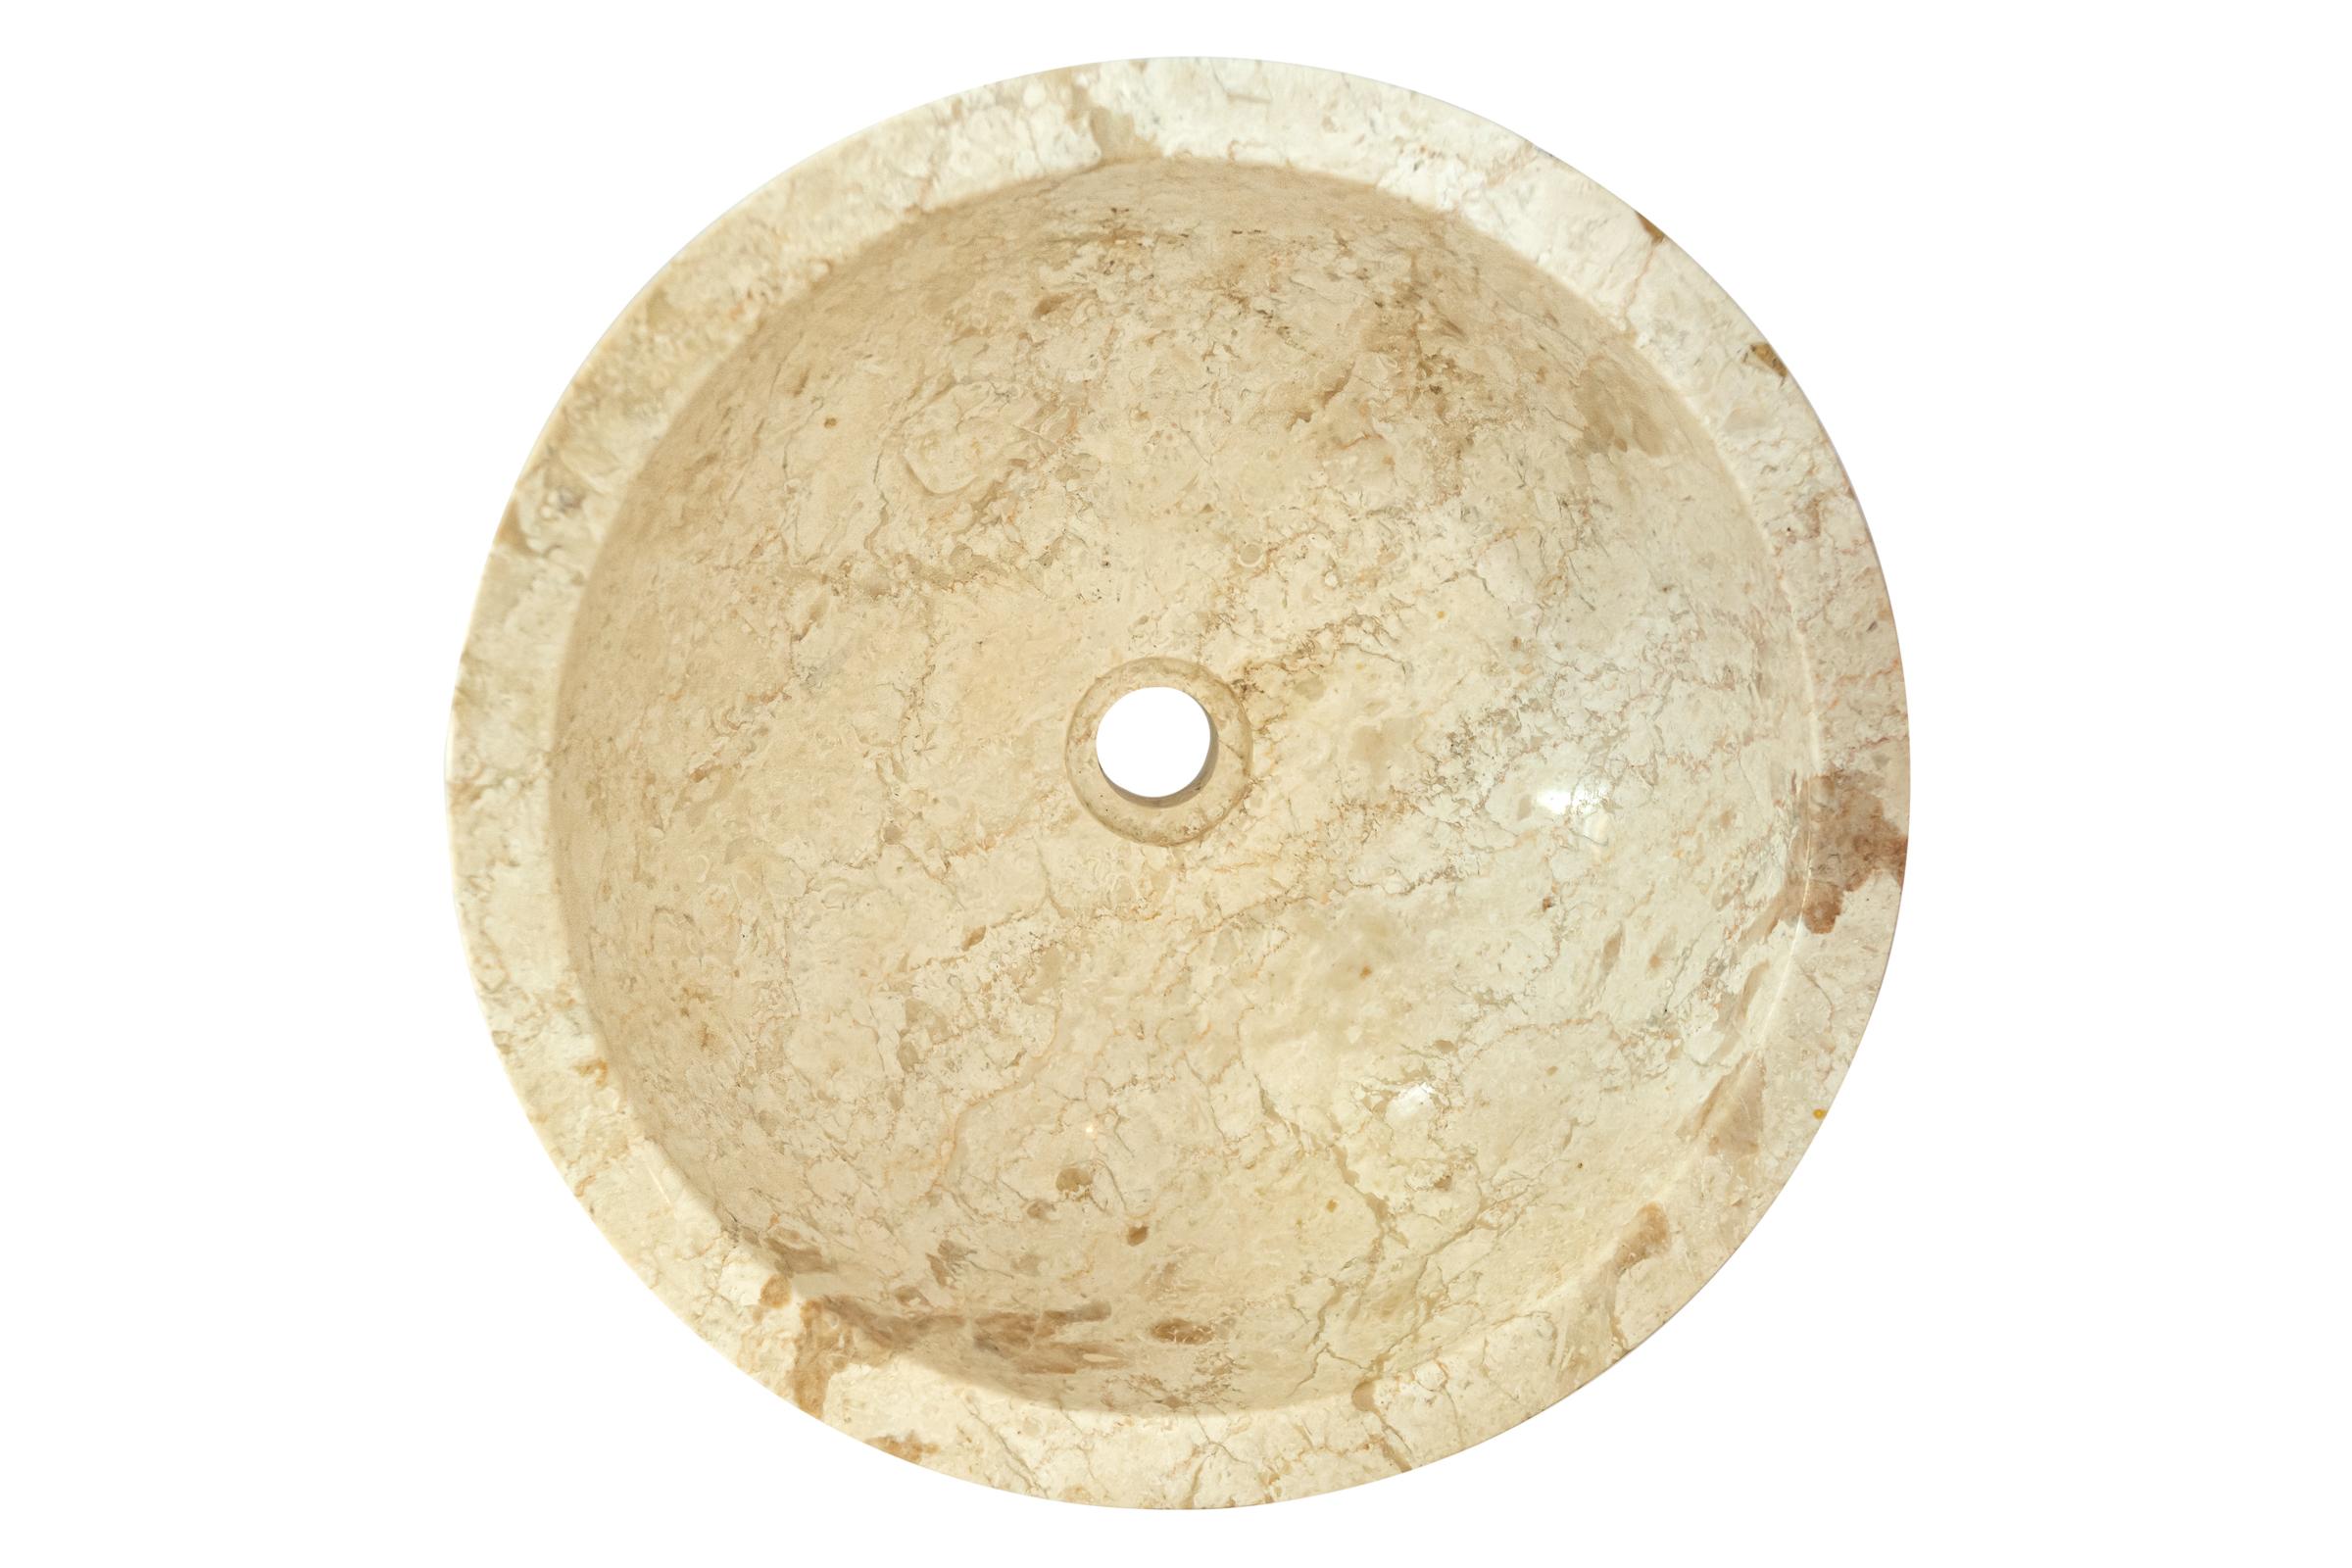 Lavamanos redoondo de mármol